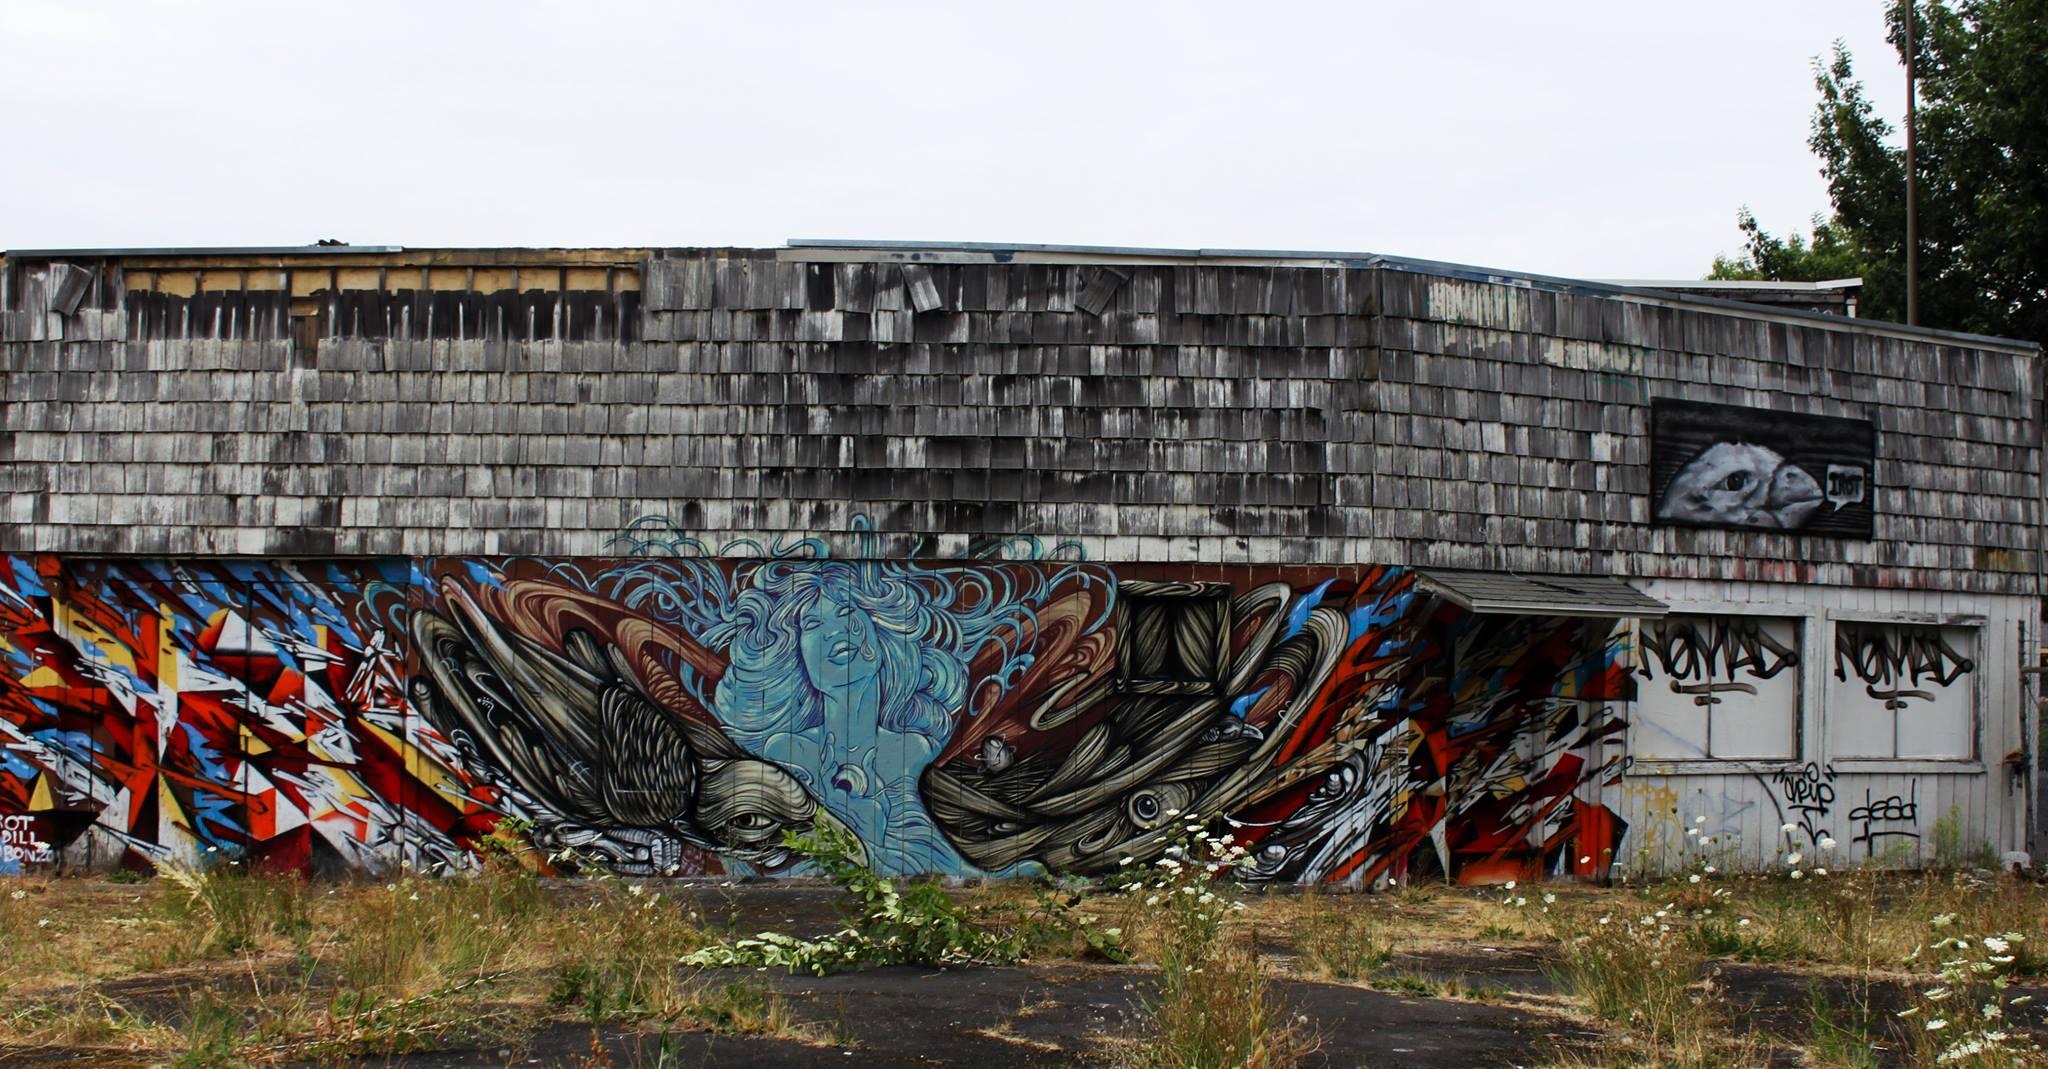 mural-before.jpg